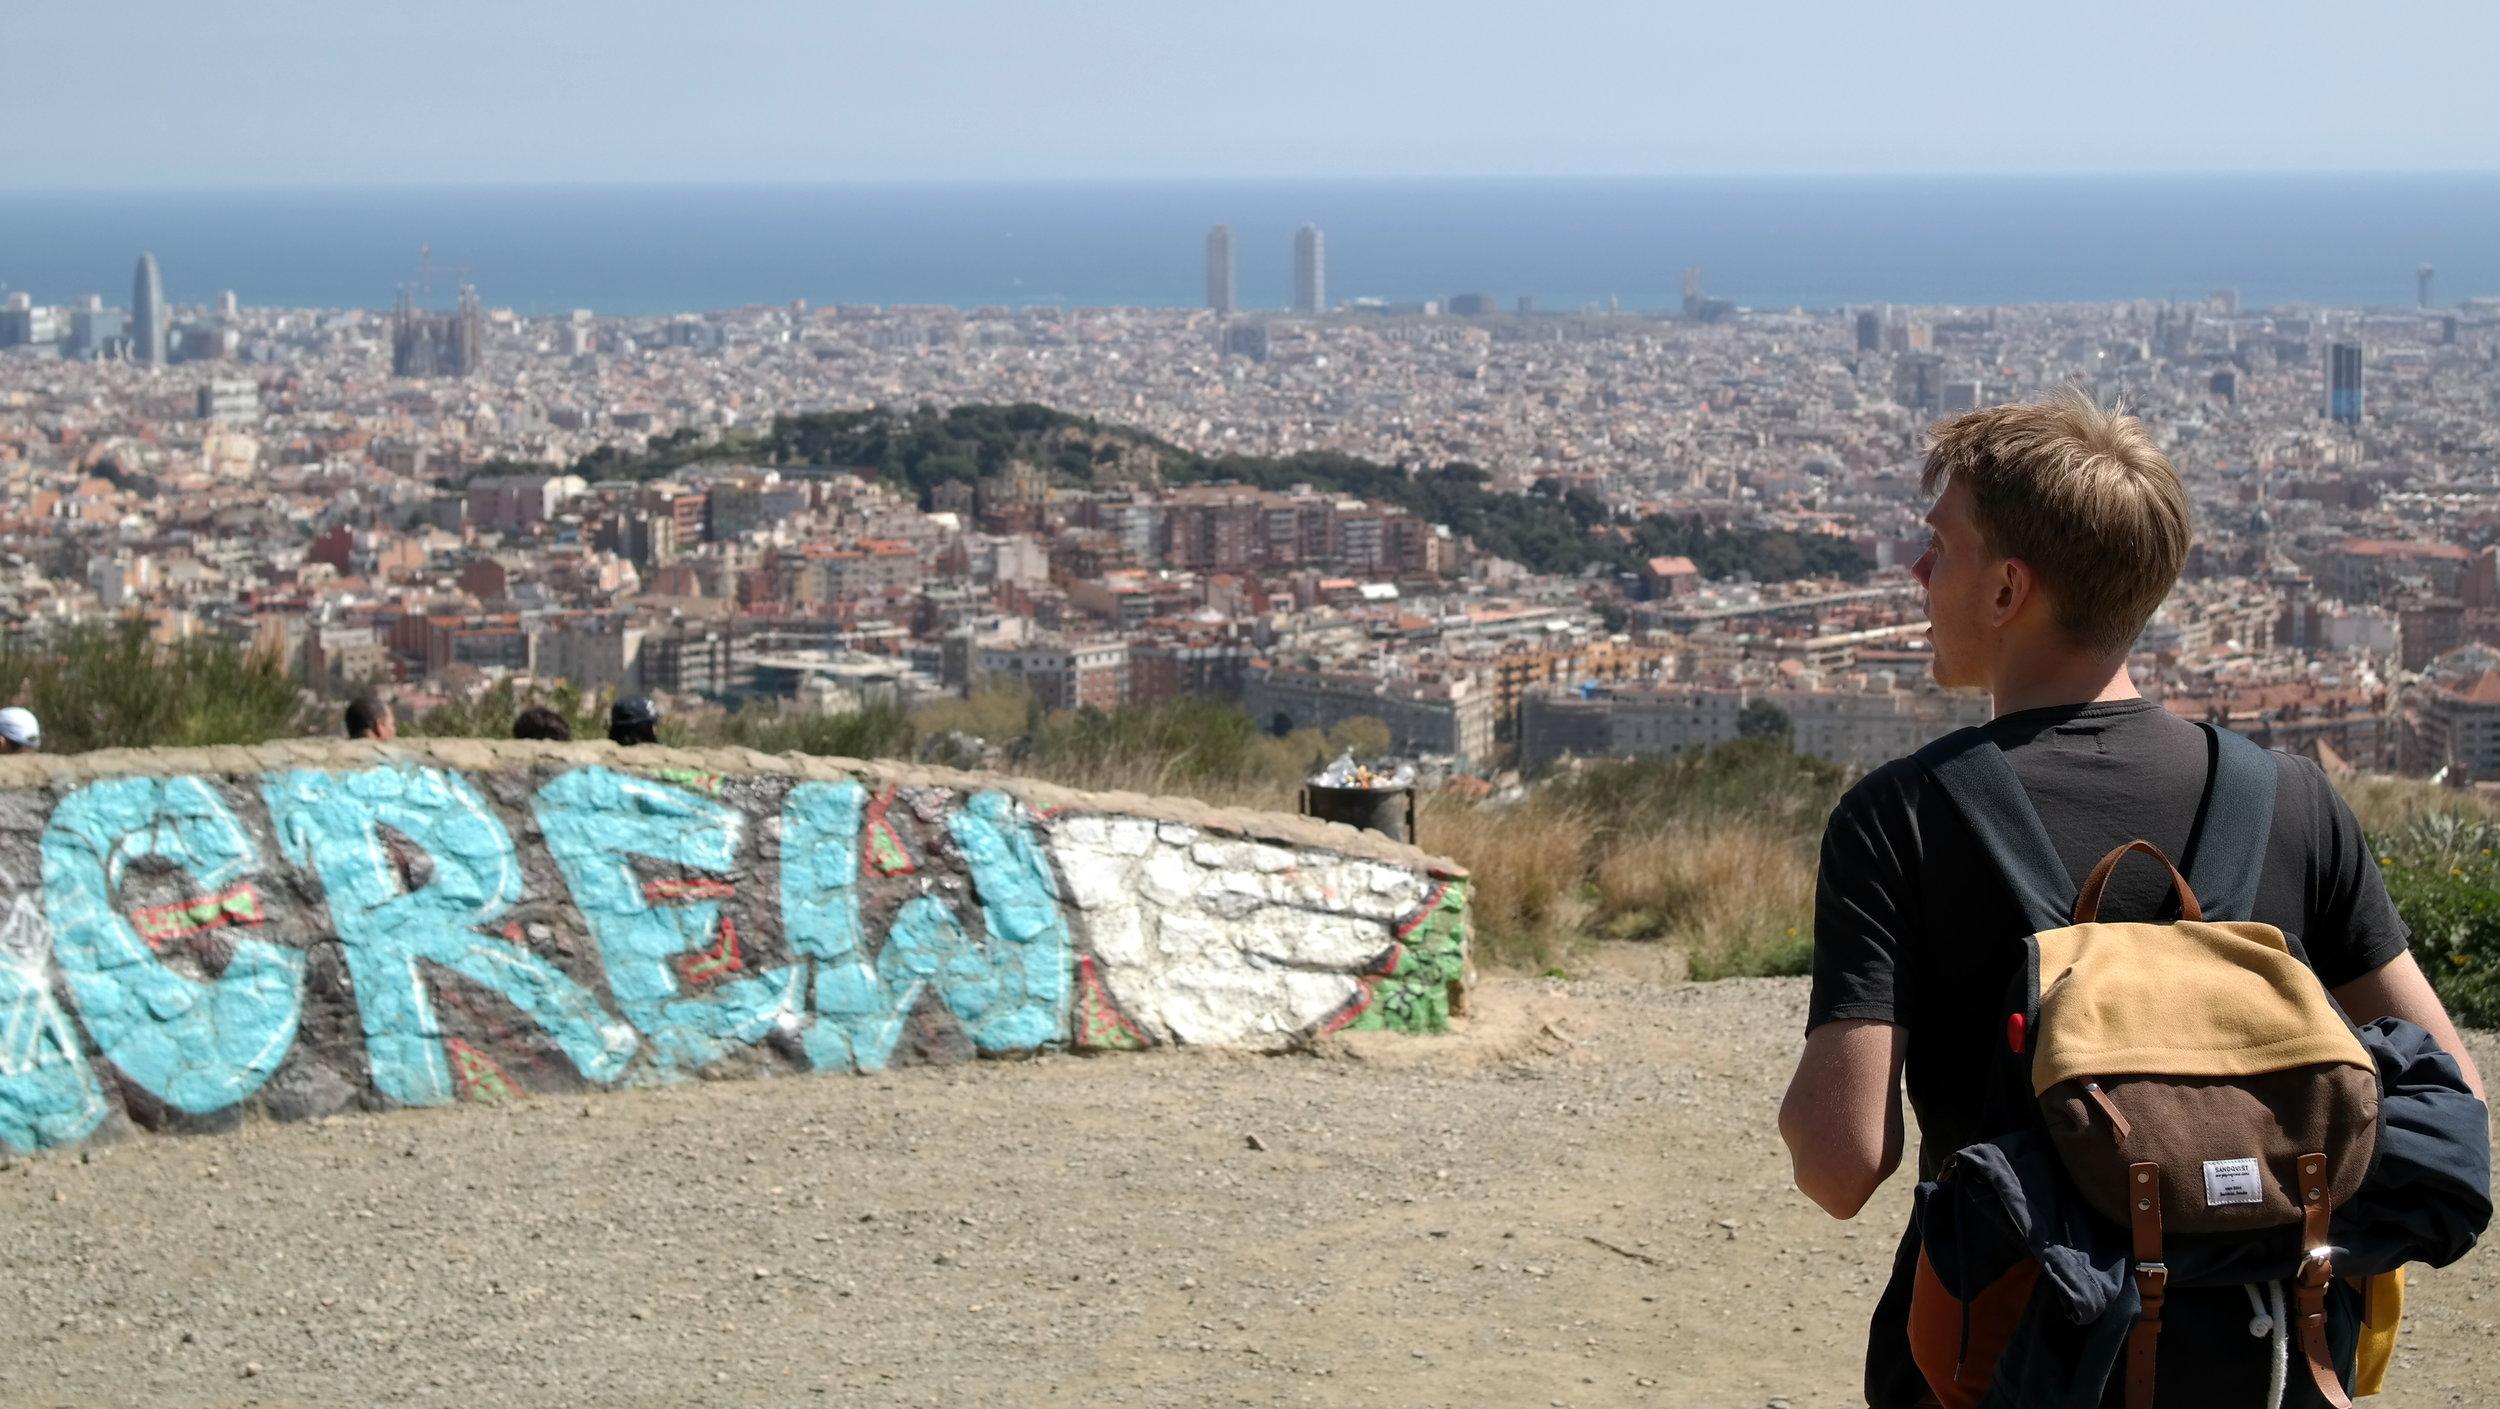 barcelona-utkikspunkt.JPG